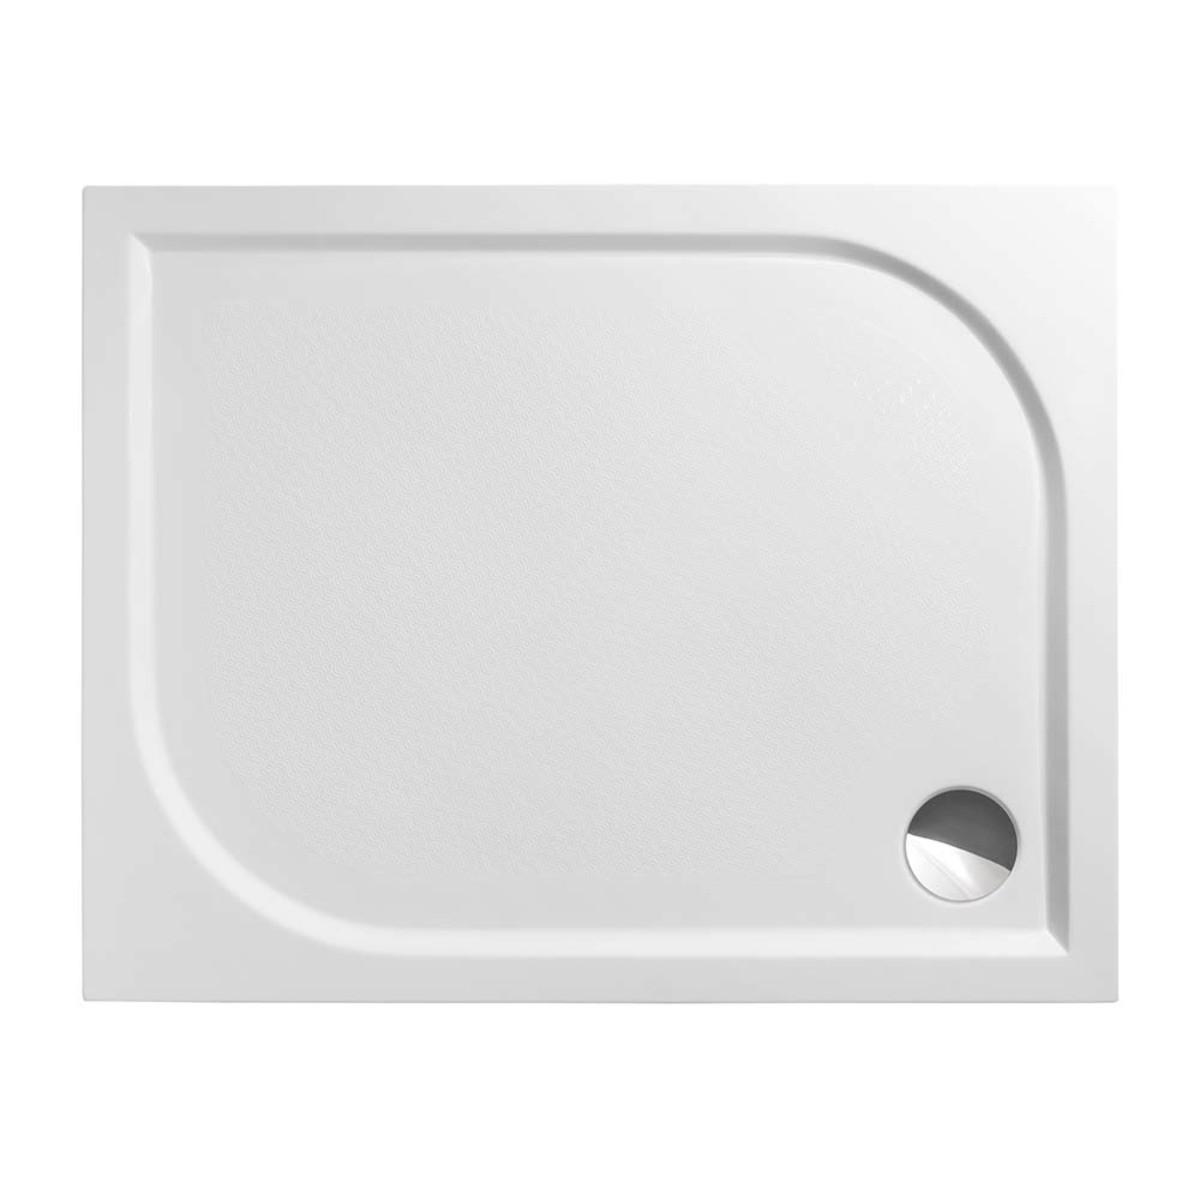 Sprchová vanička obdélníková Roth Rectan-M 120x90 cm litý mramor 8000168